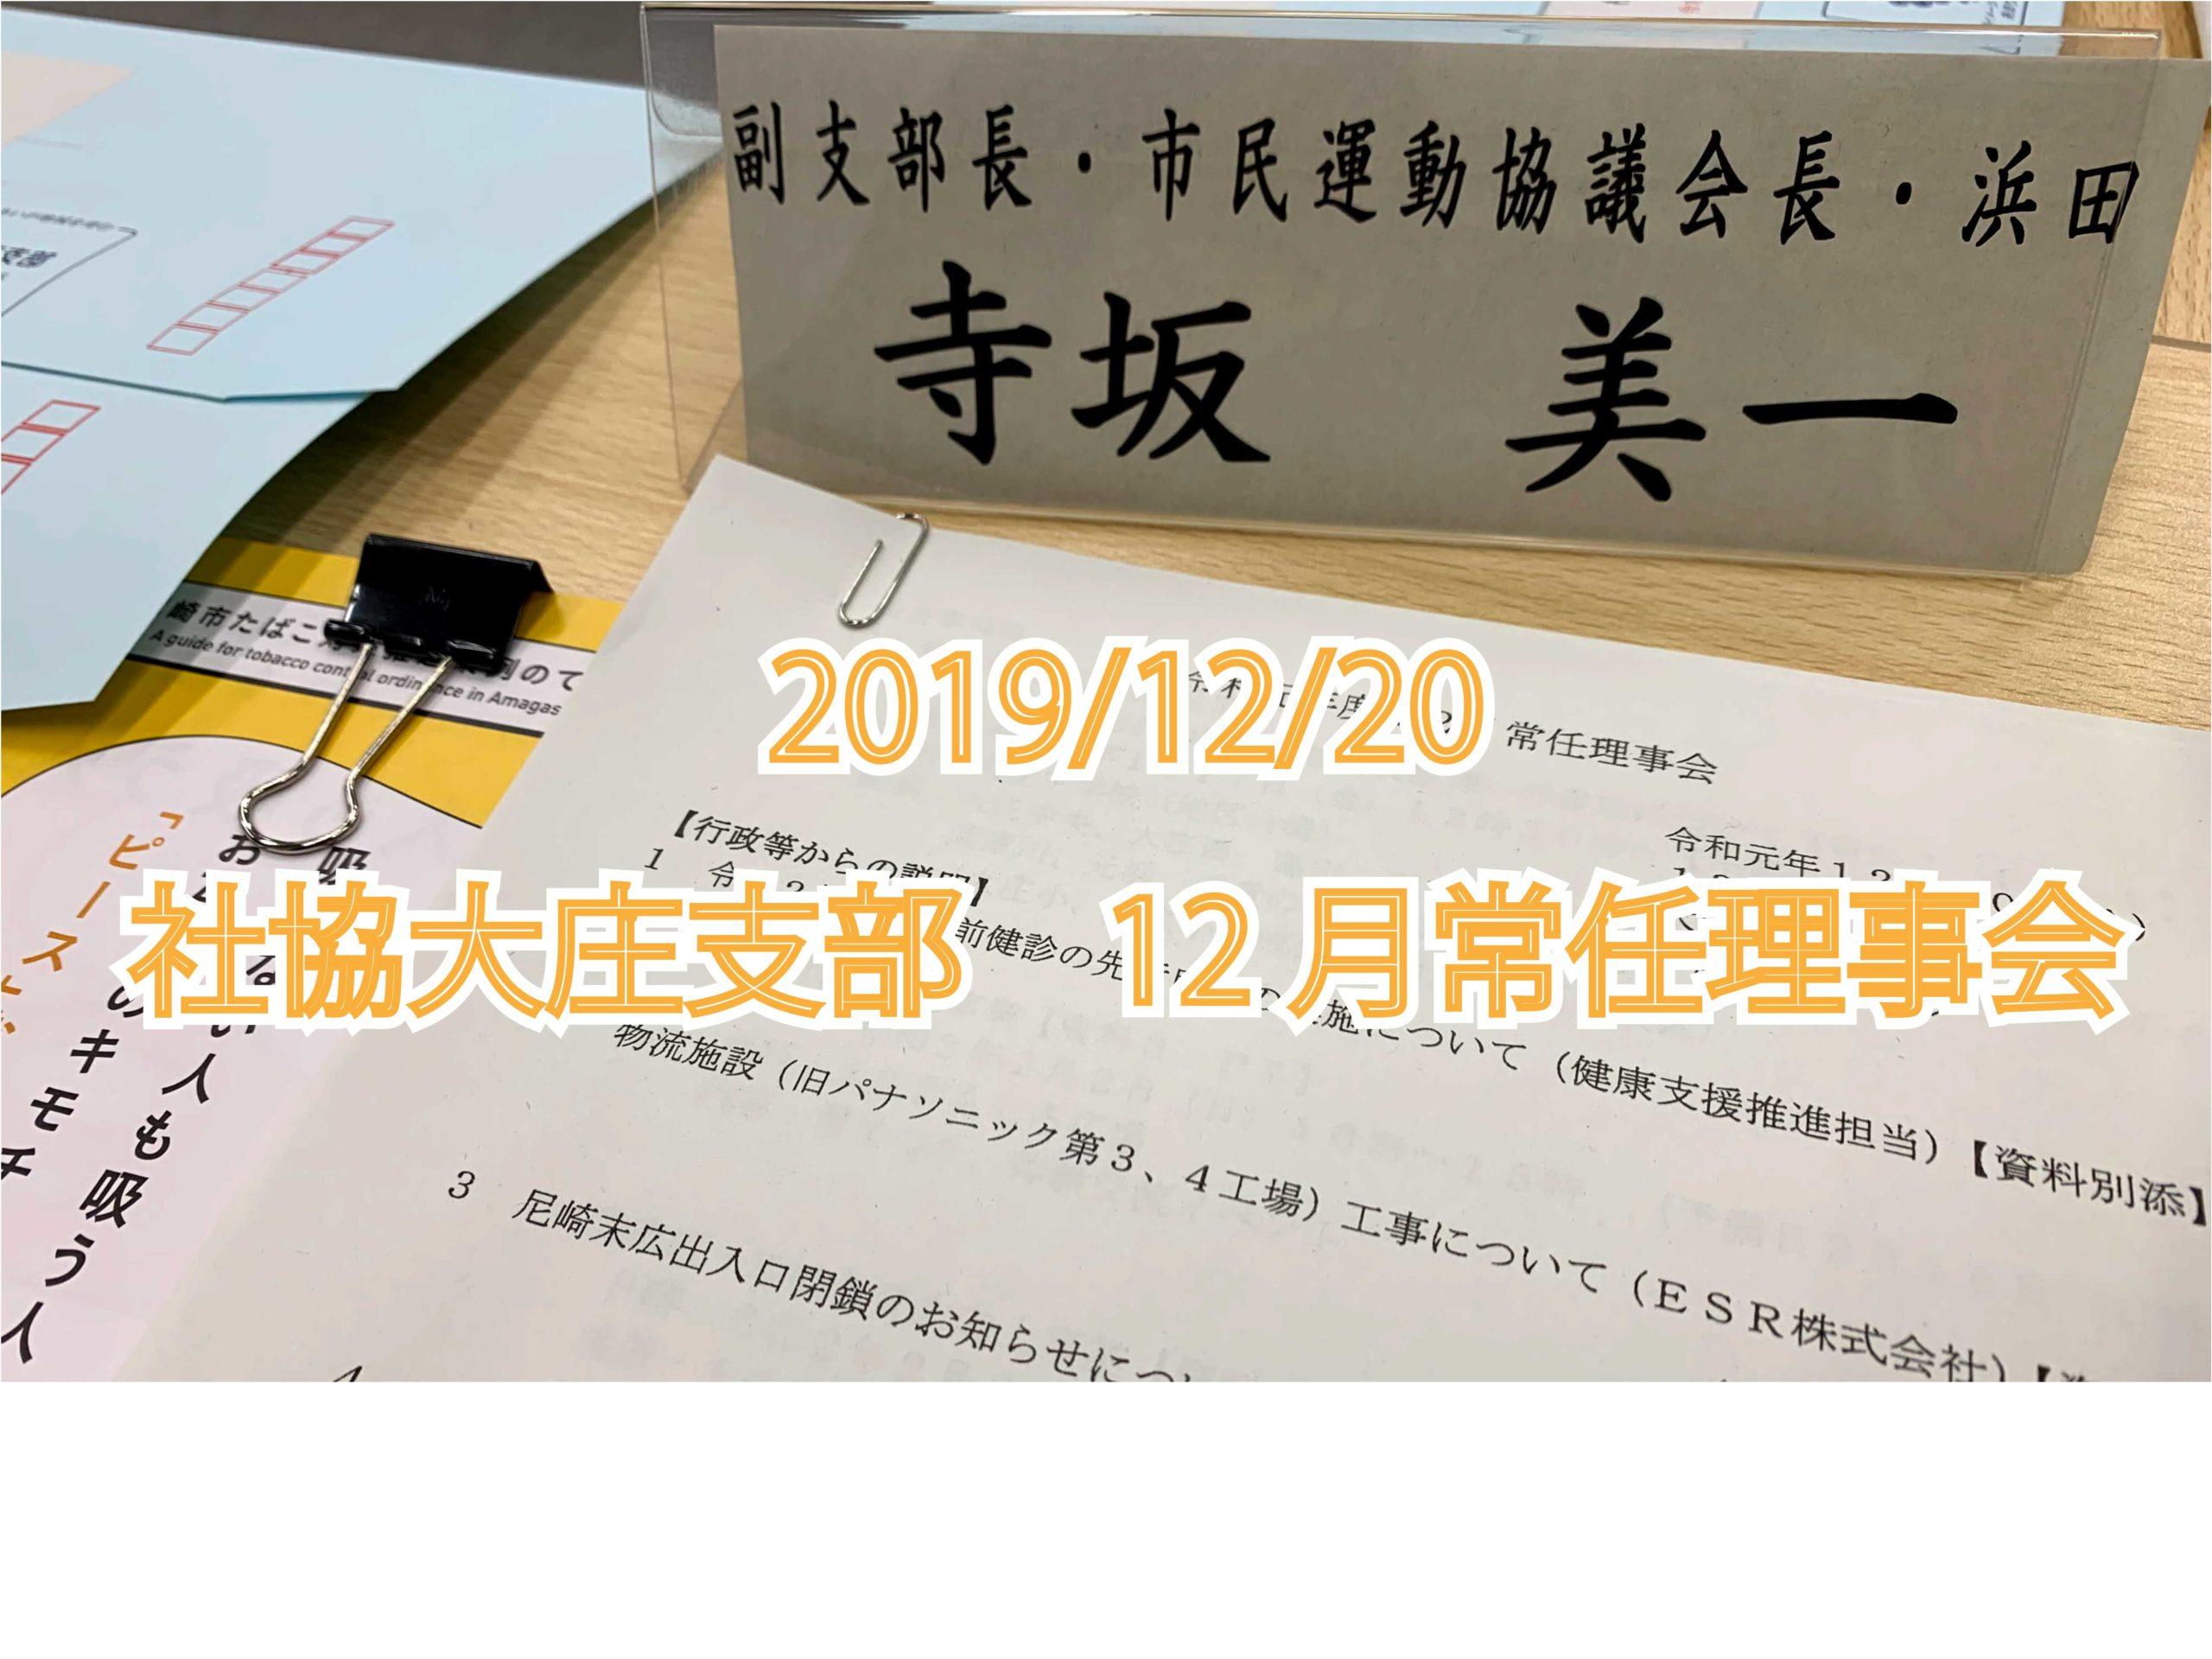 社協大庄支部 常任理事会 (2019/12/20)